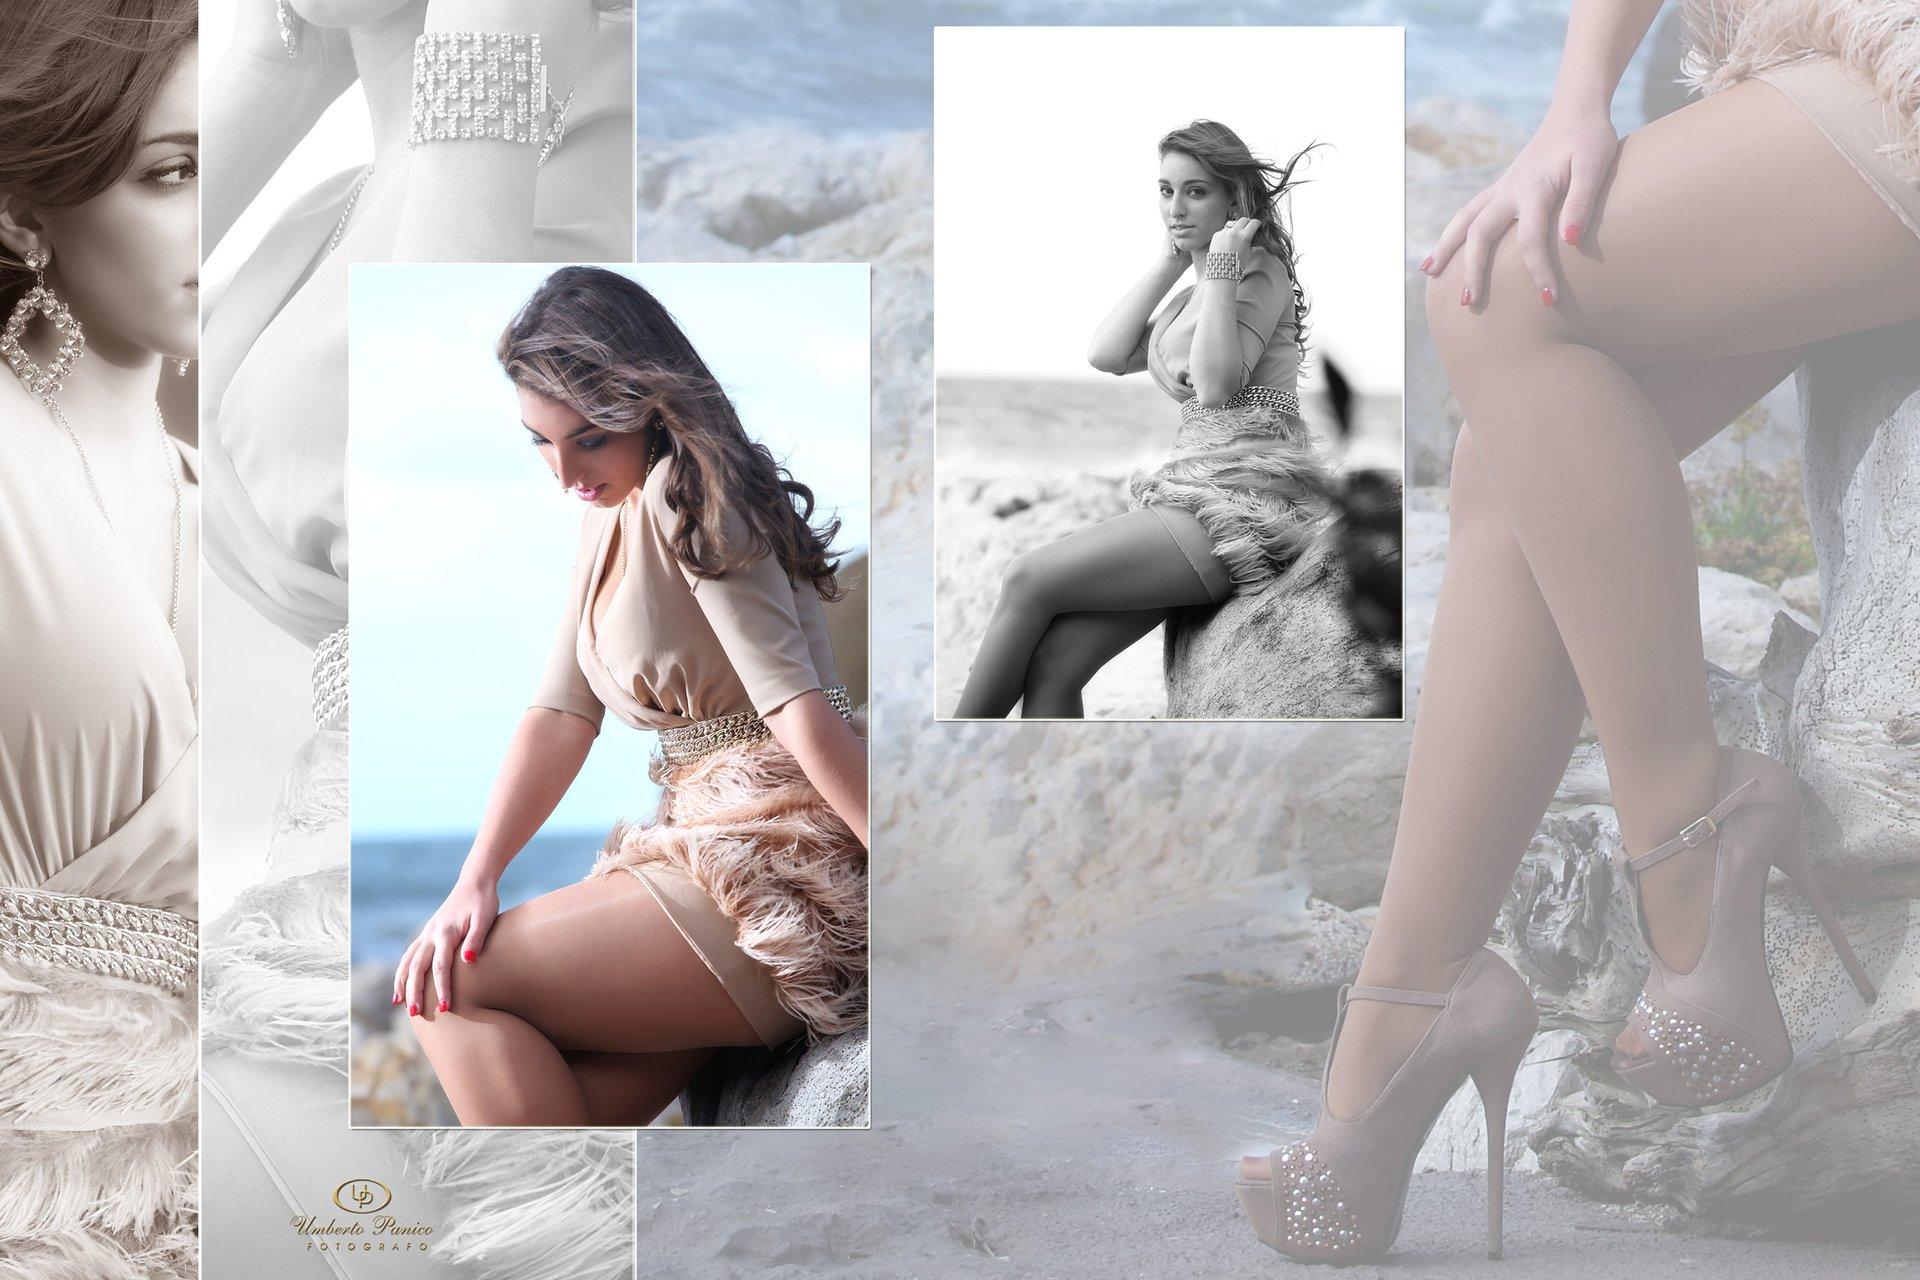 ragazza seduta su scoglio in riva al mare